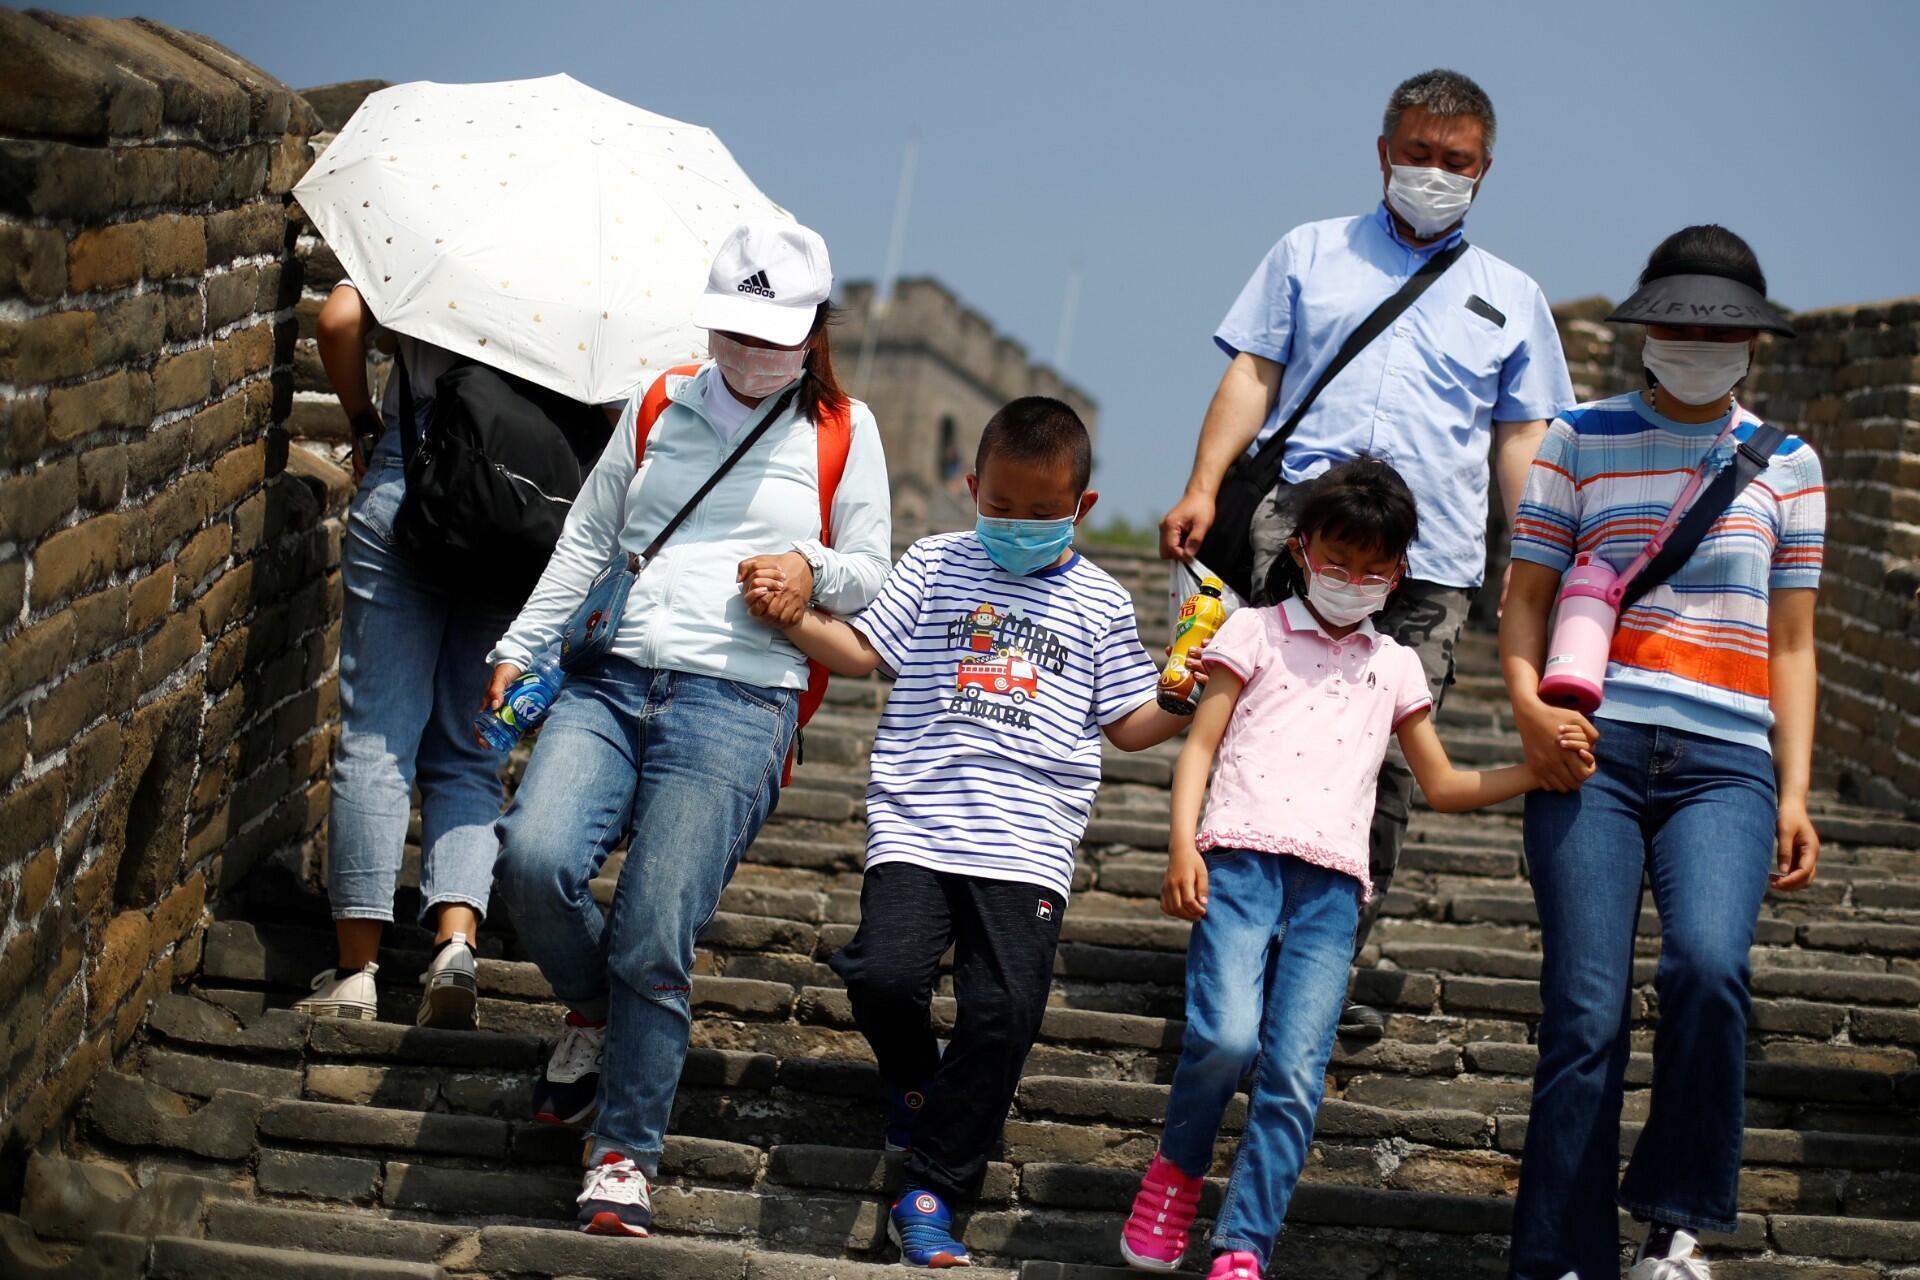 Turistas visitan la sección Mutianyu de la Gran Muralla China el primer día de las vacaciones tras el Día del Trabajo después de superar el brote de coronavirus. A las afueras de Beijing, China, 1 de mayo de 2020.